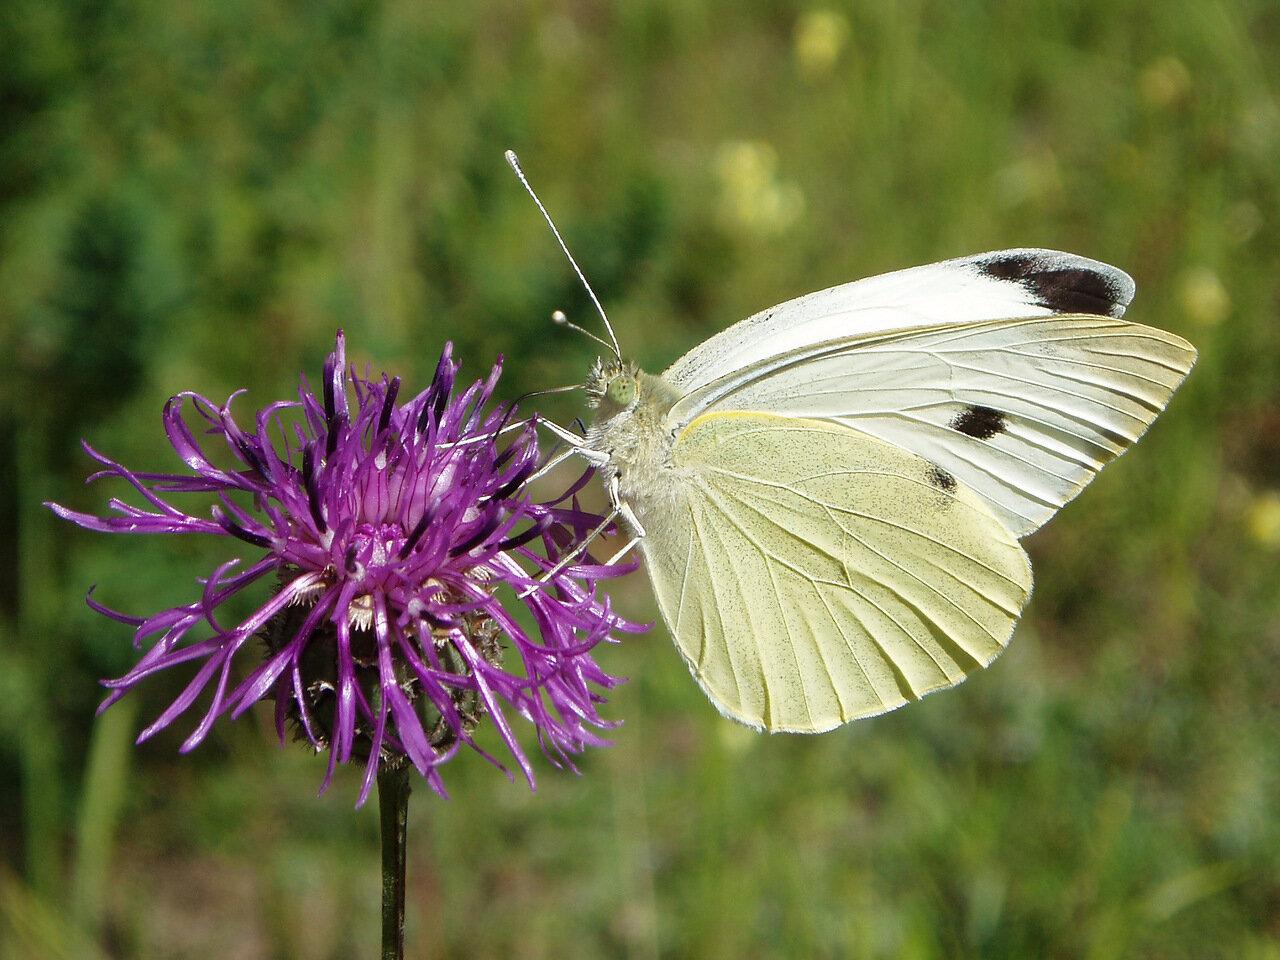 Капустница (Pieris brassicae). Автор фото: Владимир Брюхов